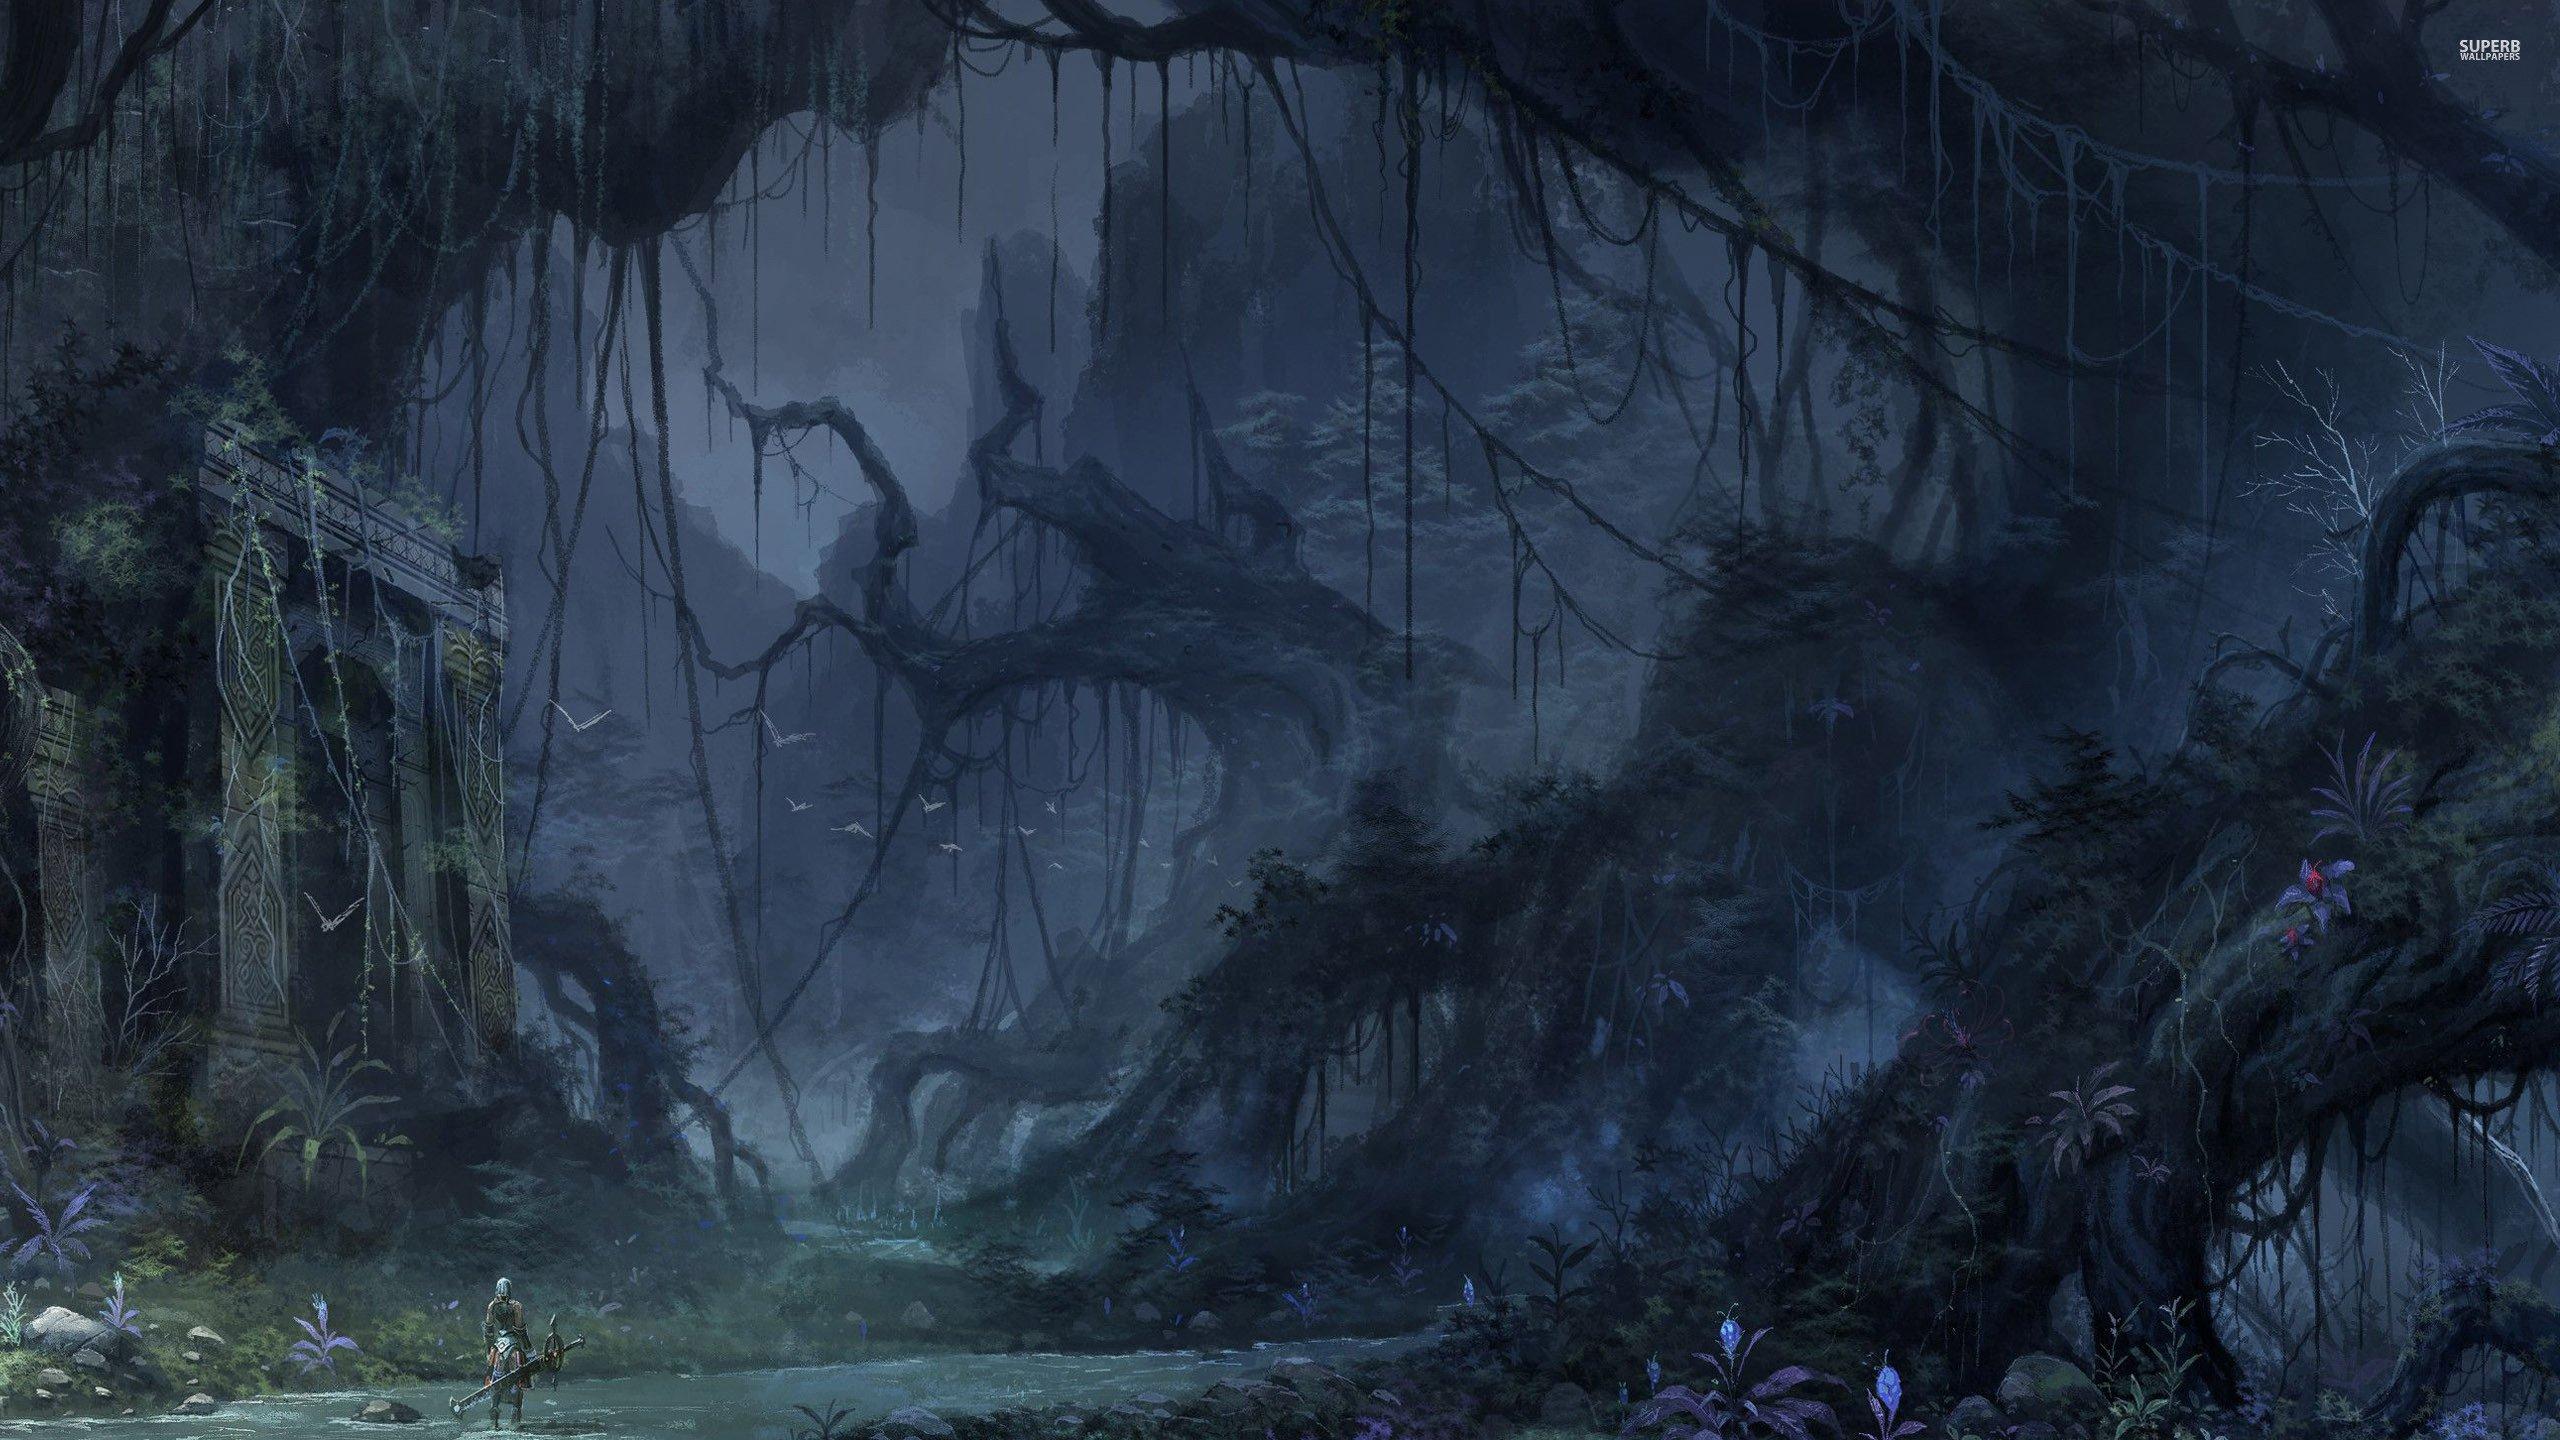 World Of Warcraft Cataclysm Hd Desktop Wallpaper High Definition